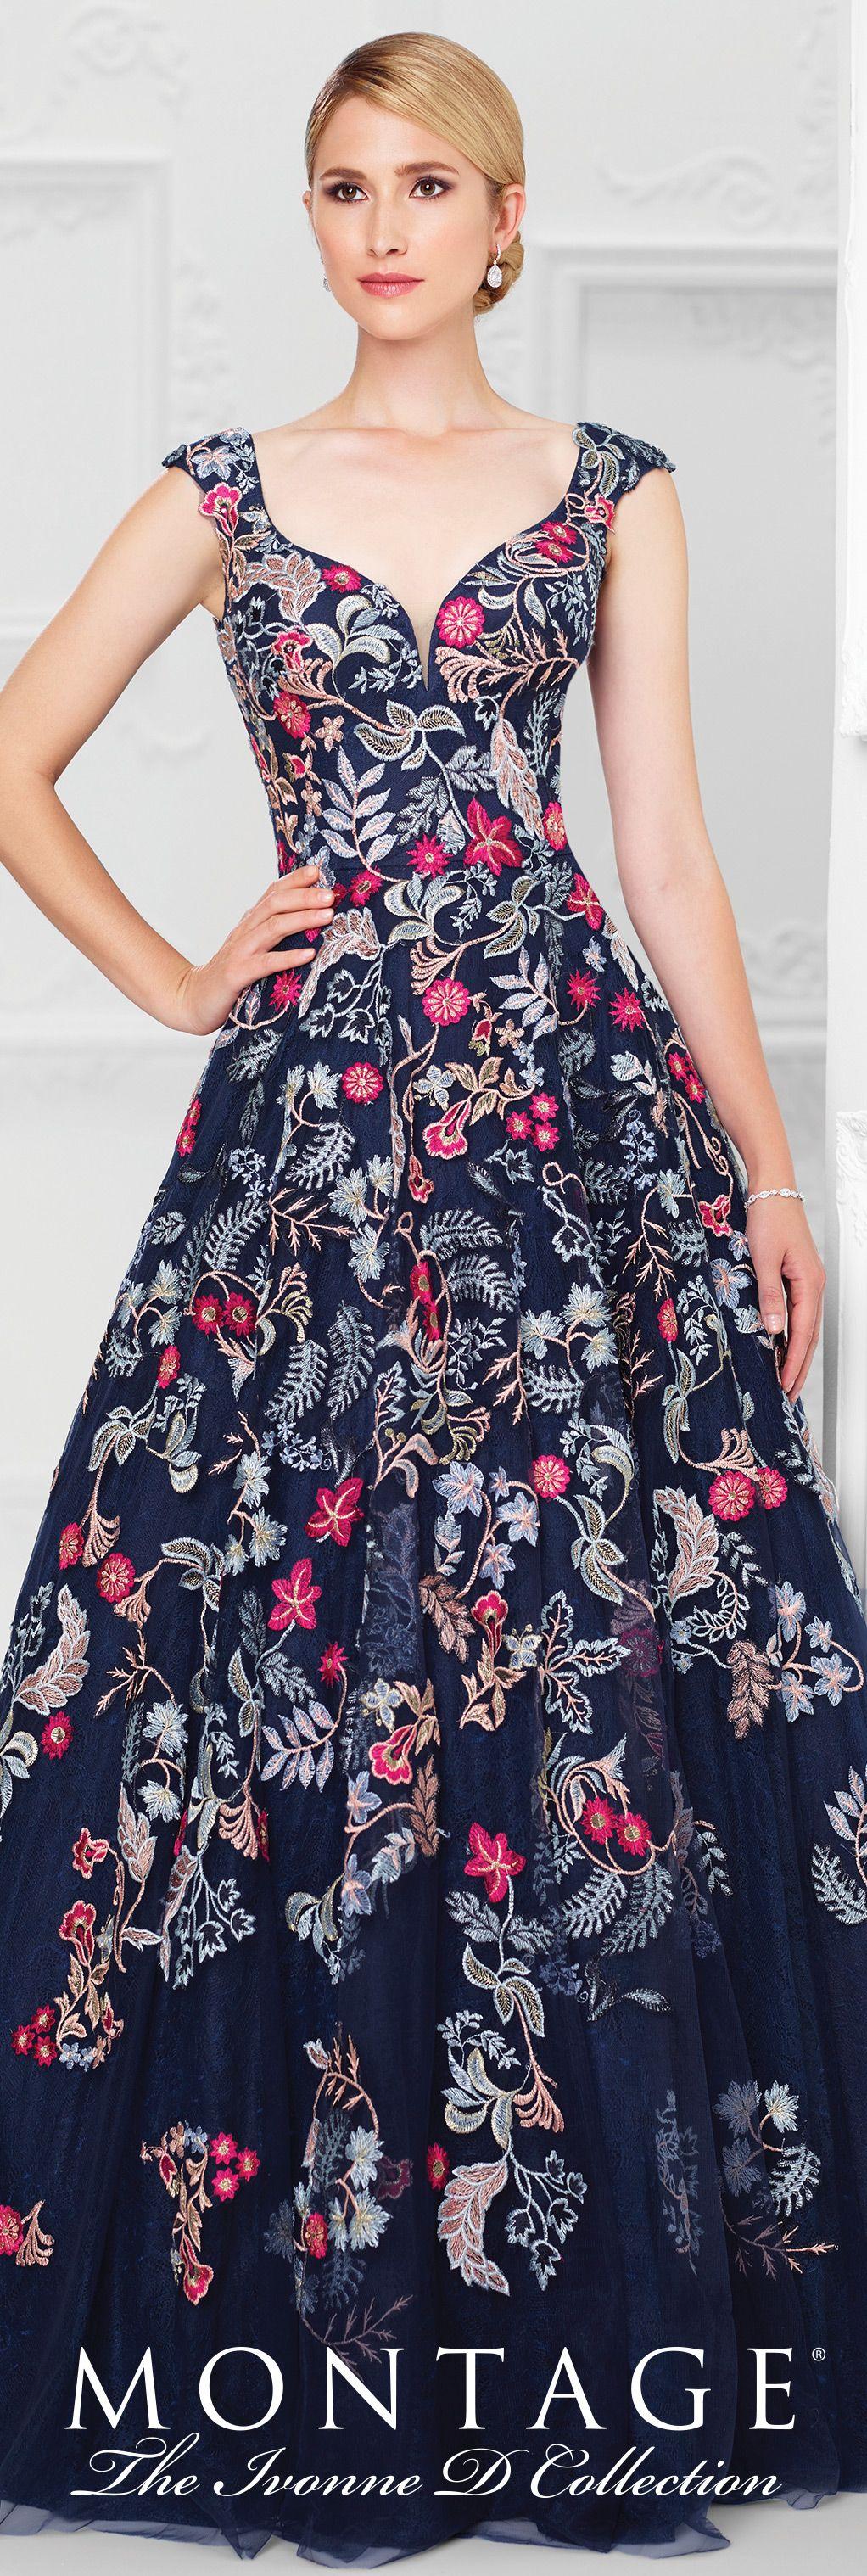 Ivonne D Evening Dresses 117d76 In 2018 Fashion Ideas